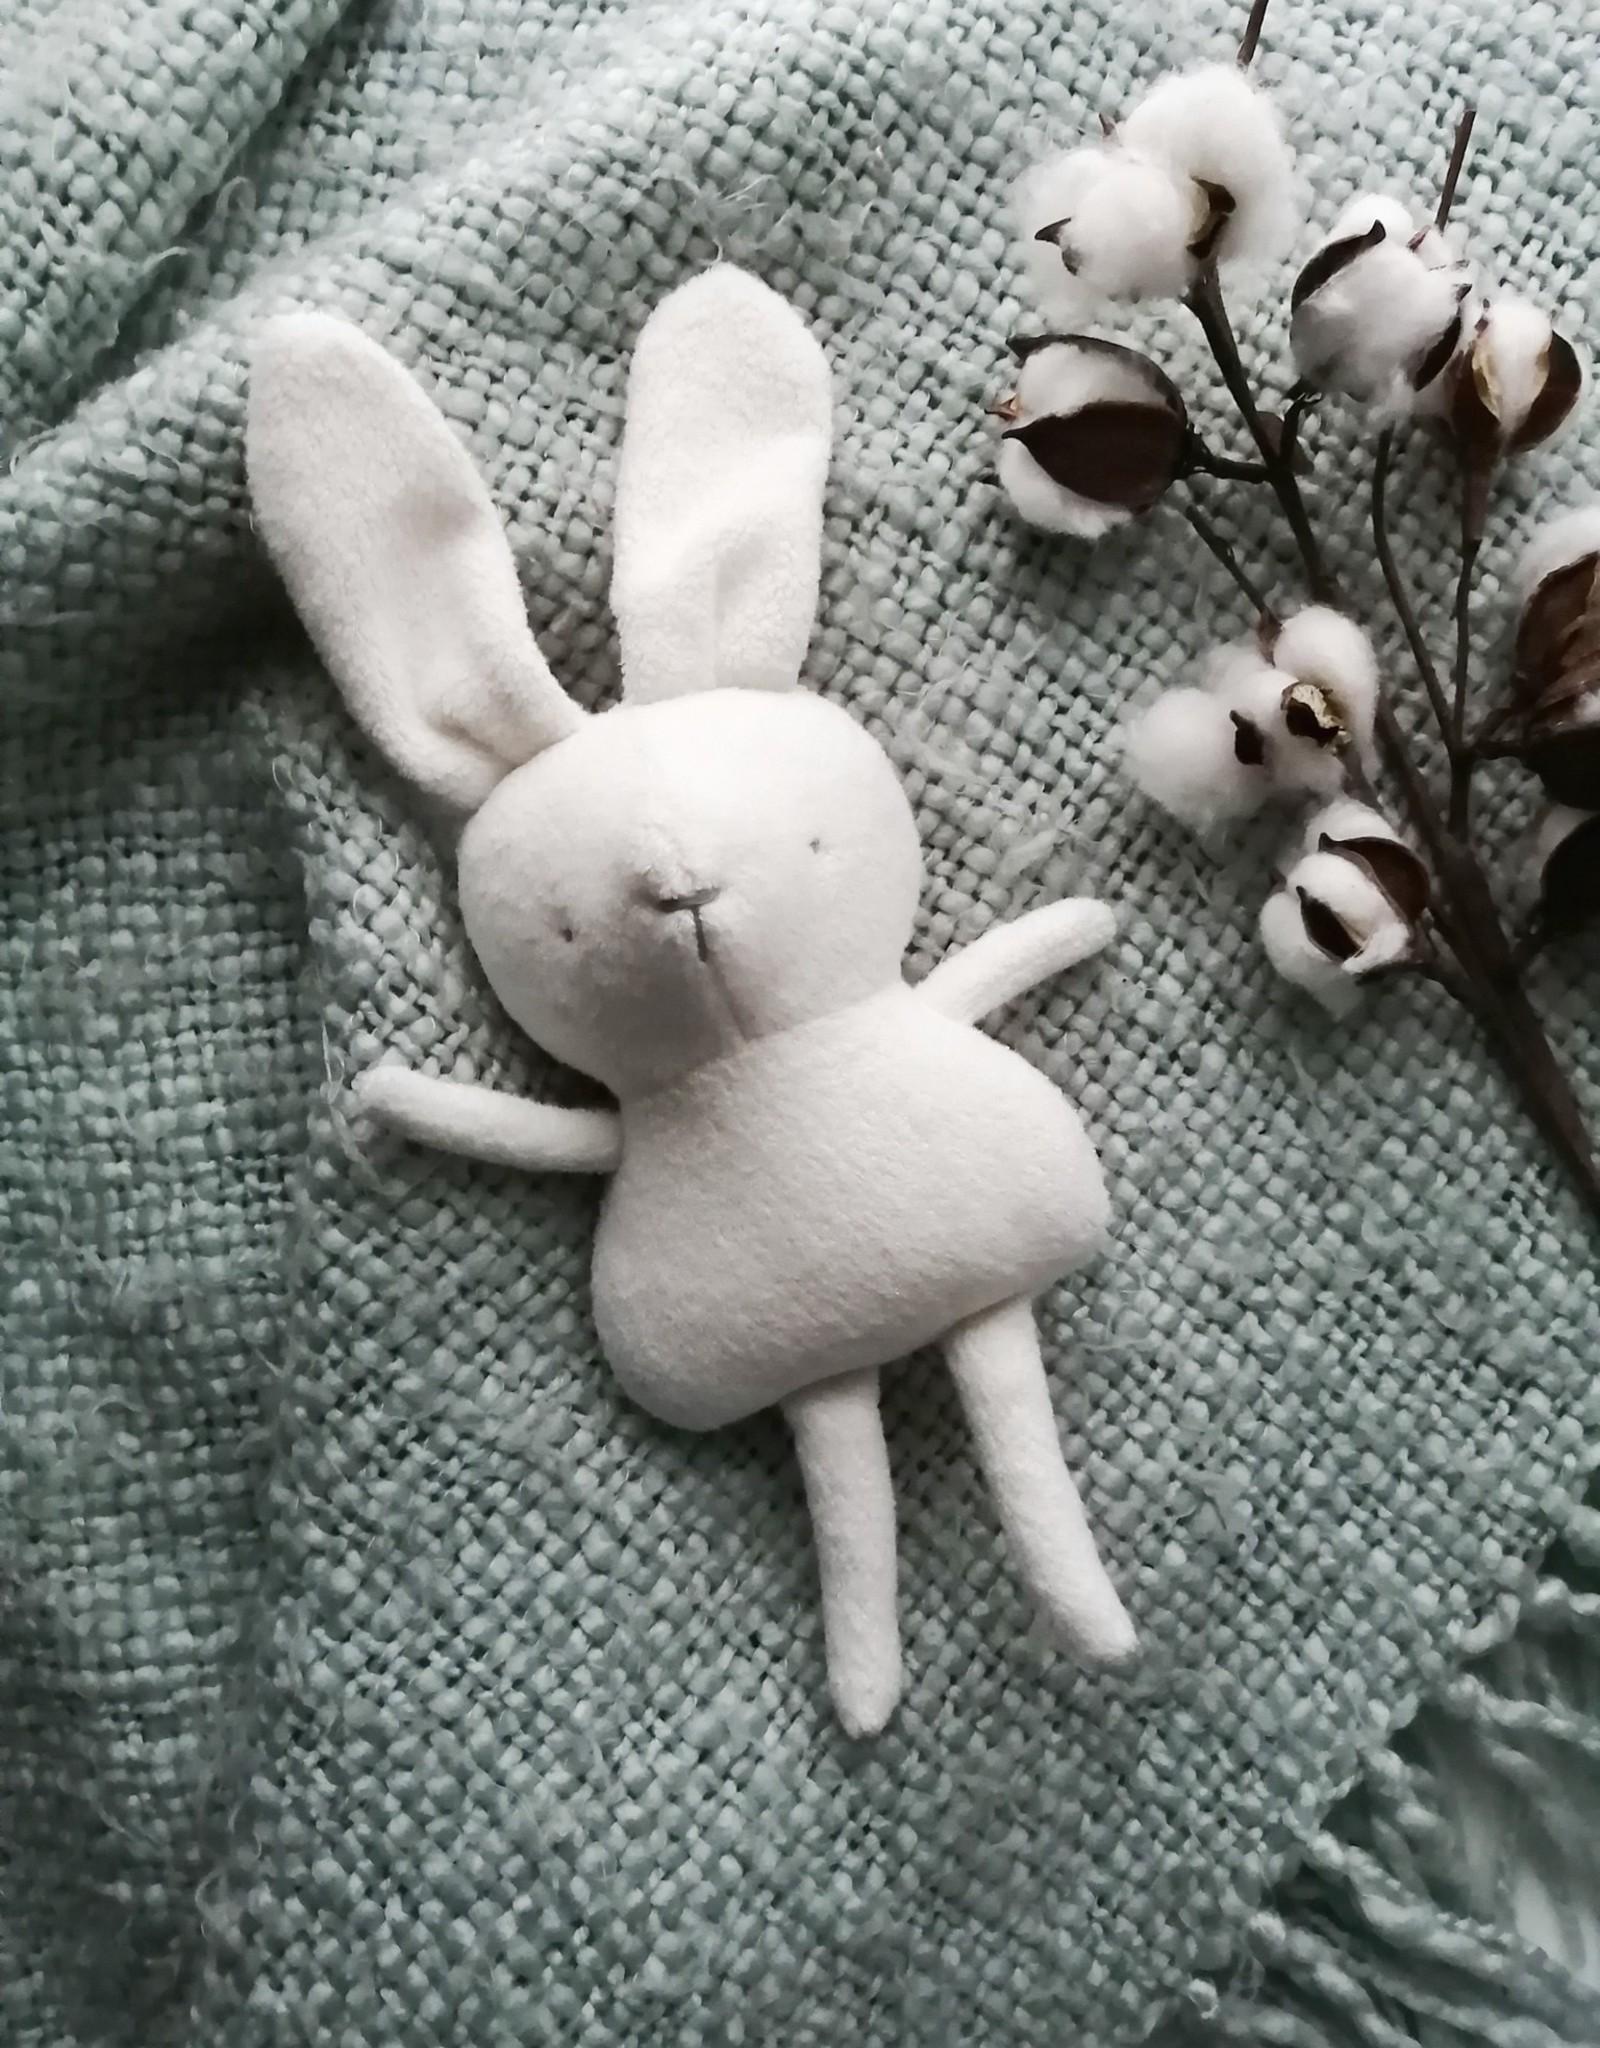 Kiou Kiout Baby white bunny